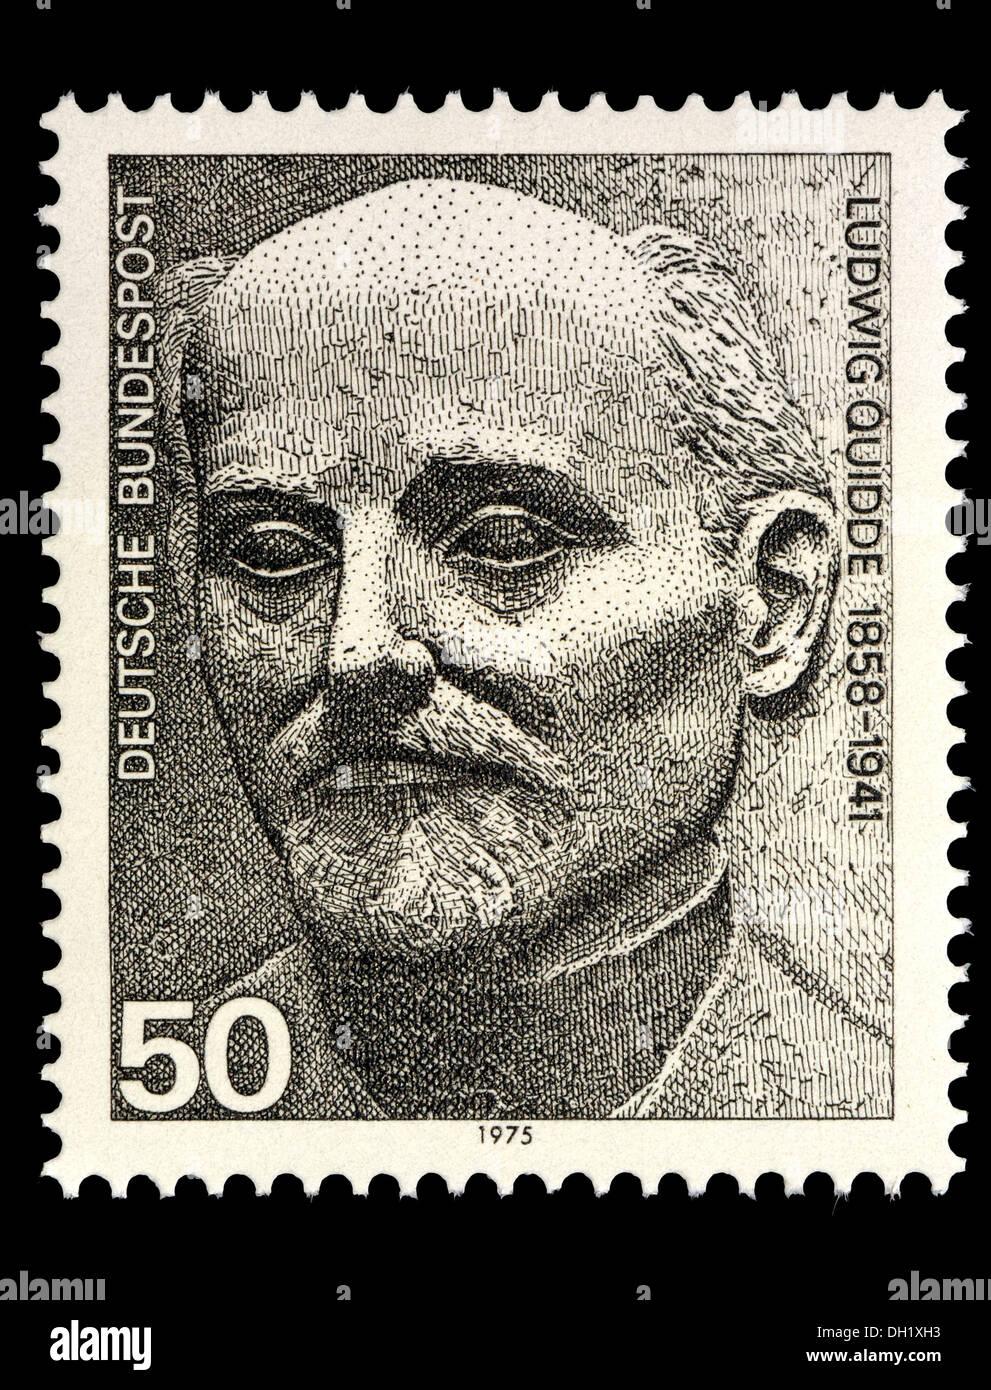 Porträt von Ludwig Quidde (1858 ? 1941: Deutsche Pazifist und Gewinner des Friedensnobelpreises, 1927) auf Deutsche Briefmarke. Stockbild